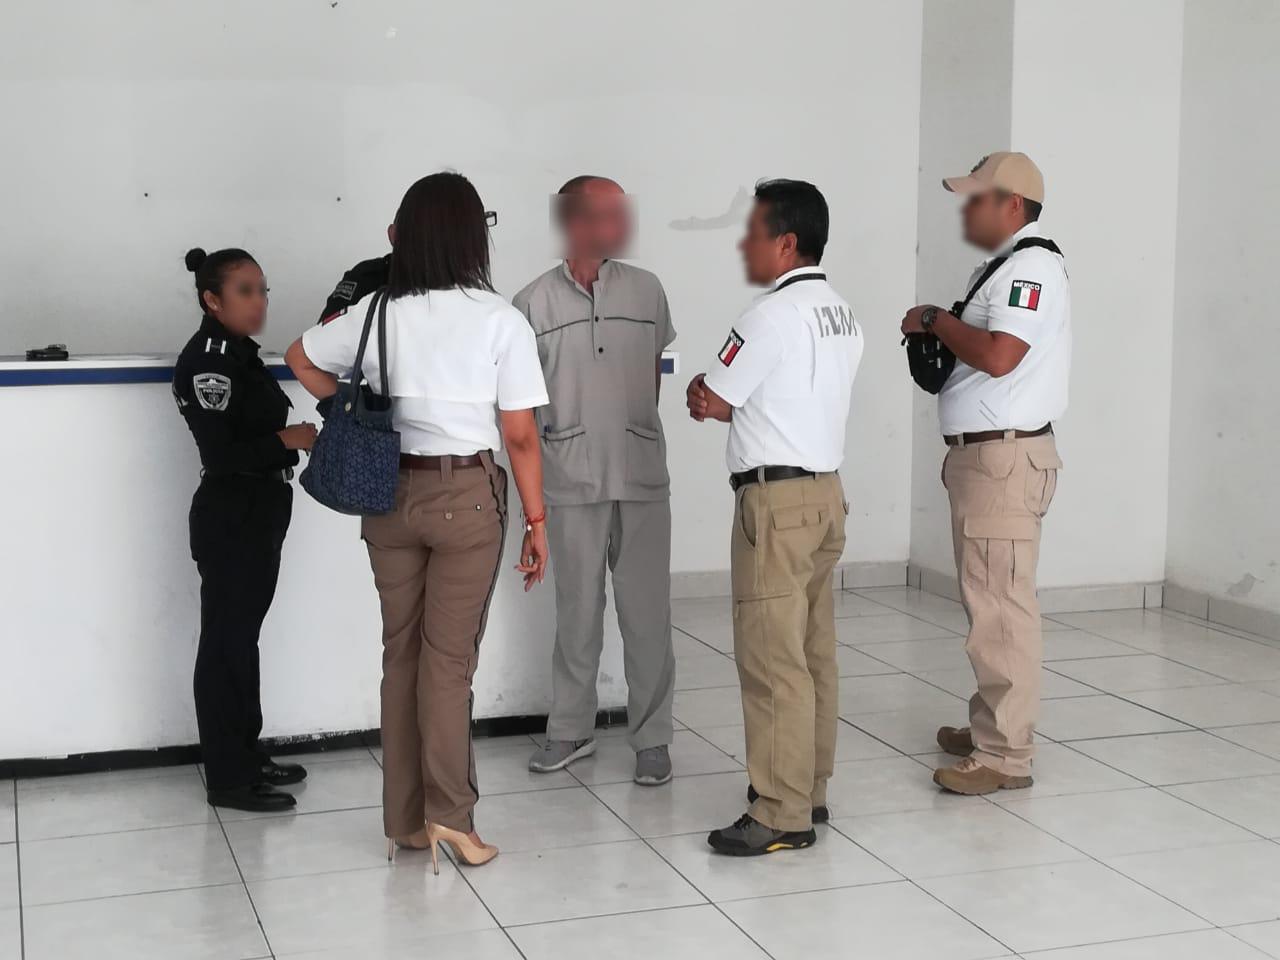 Pornógrafo infantil de EE.UU. es detenido en San Andrés Cholula